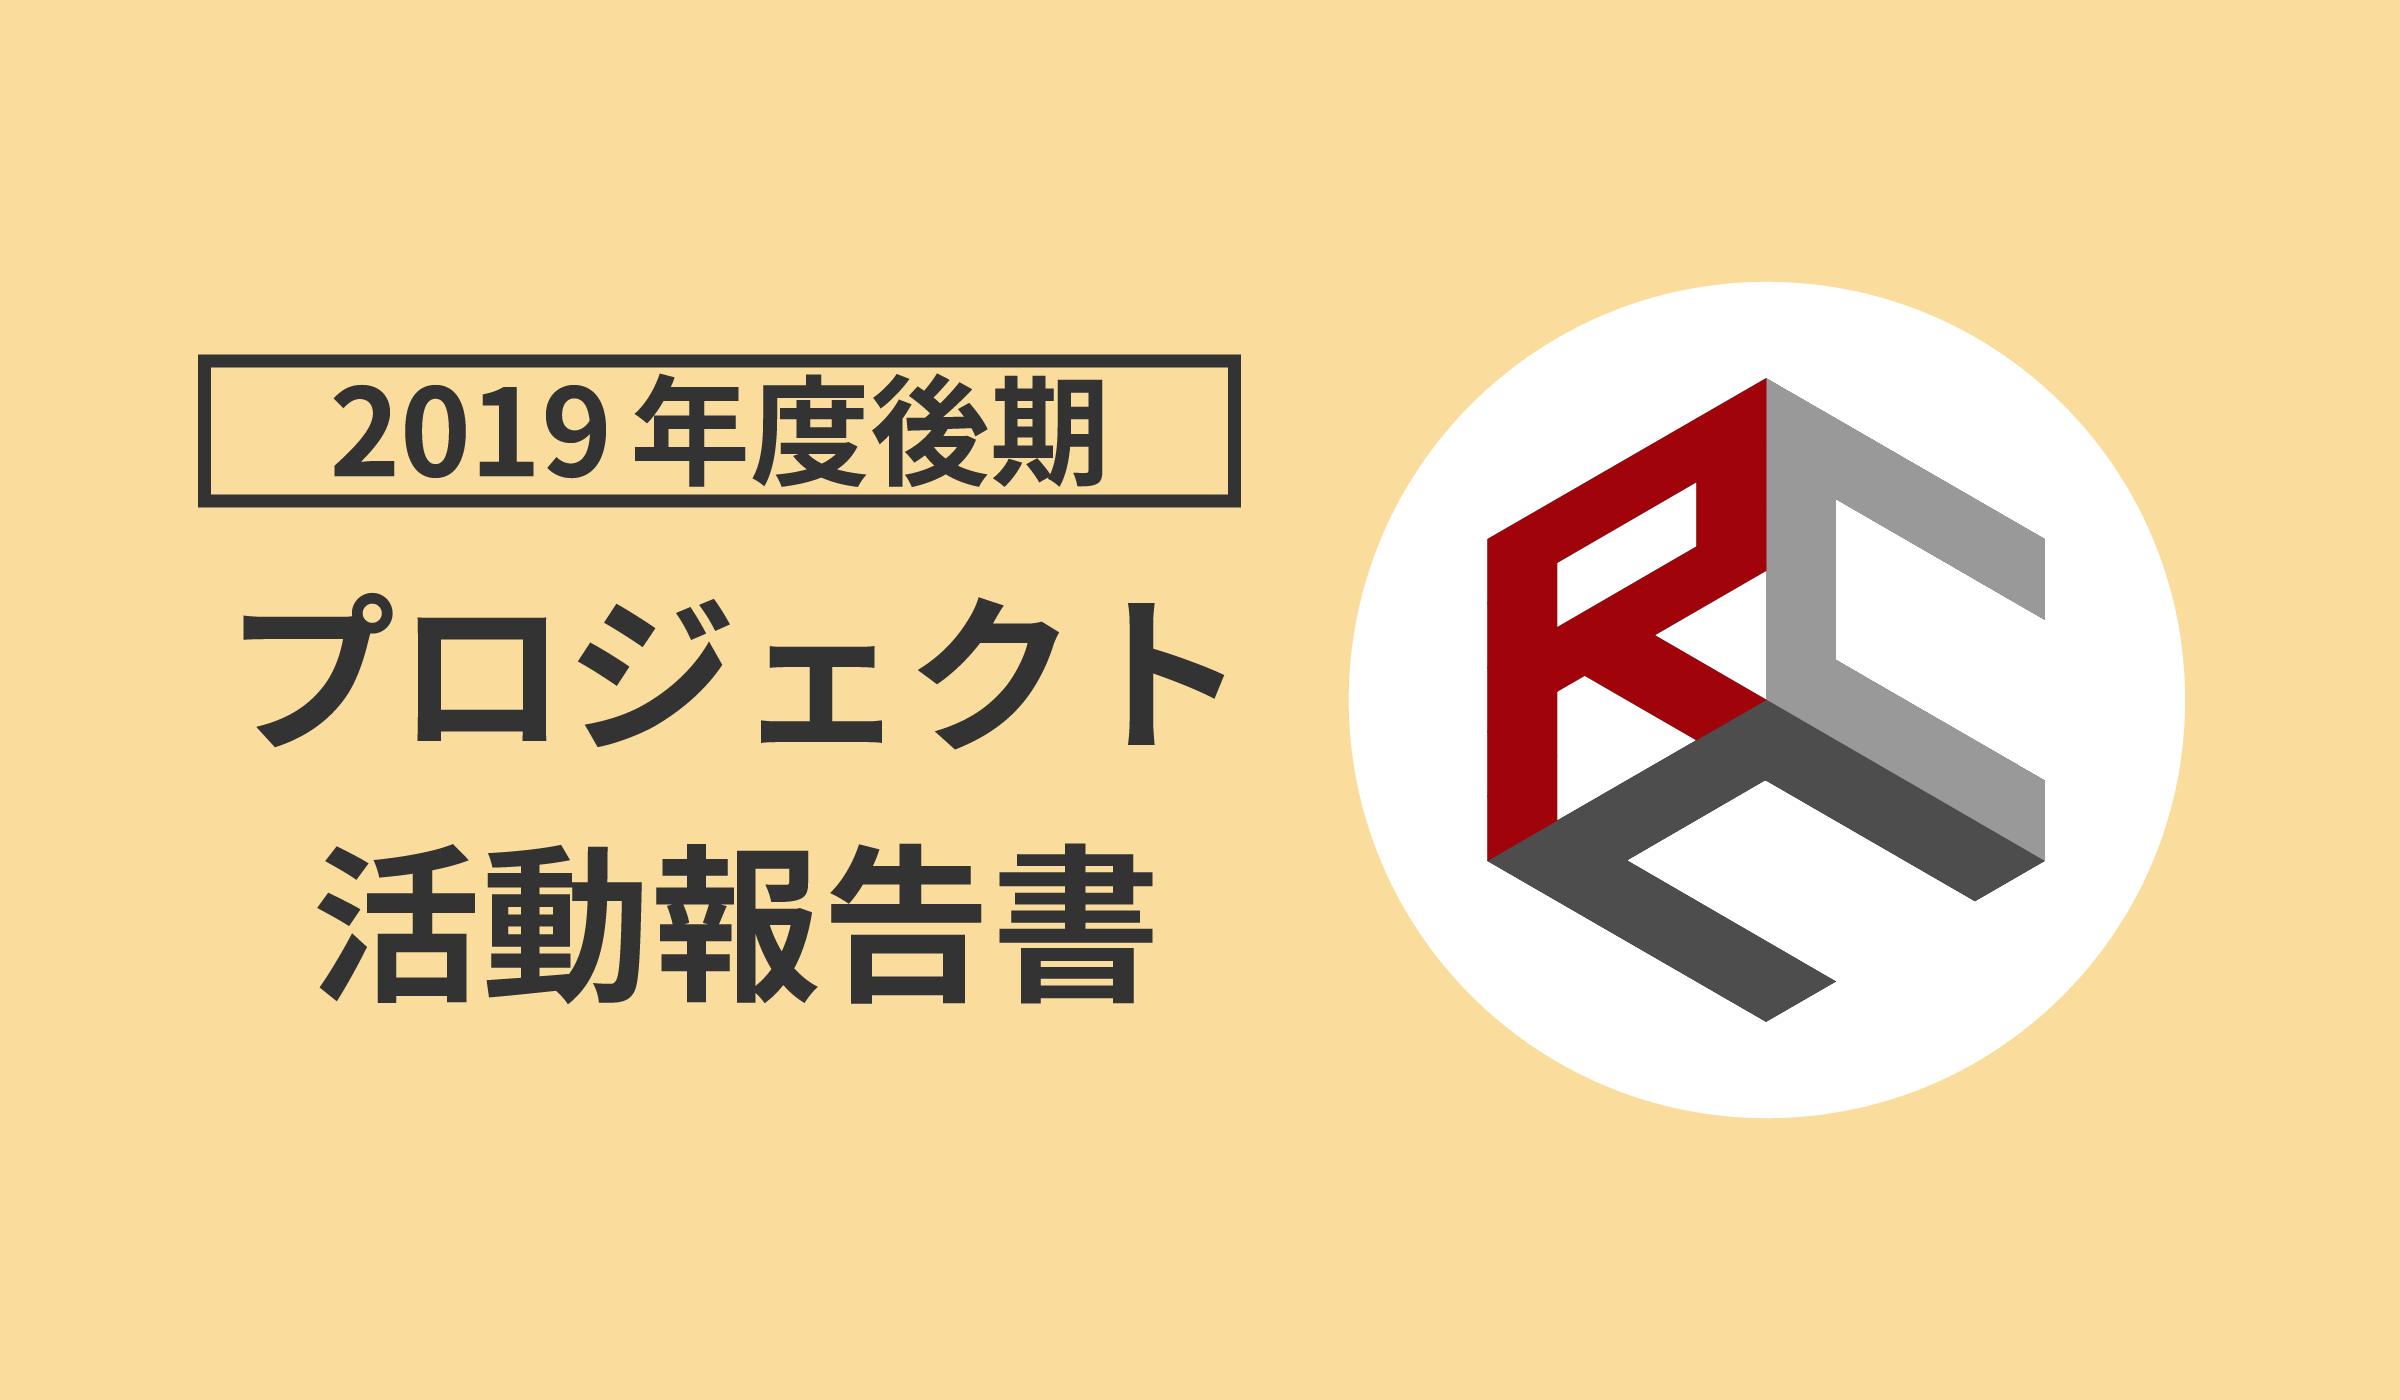 2019年度後期プロジェクト活動報告書